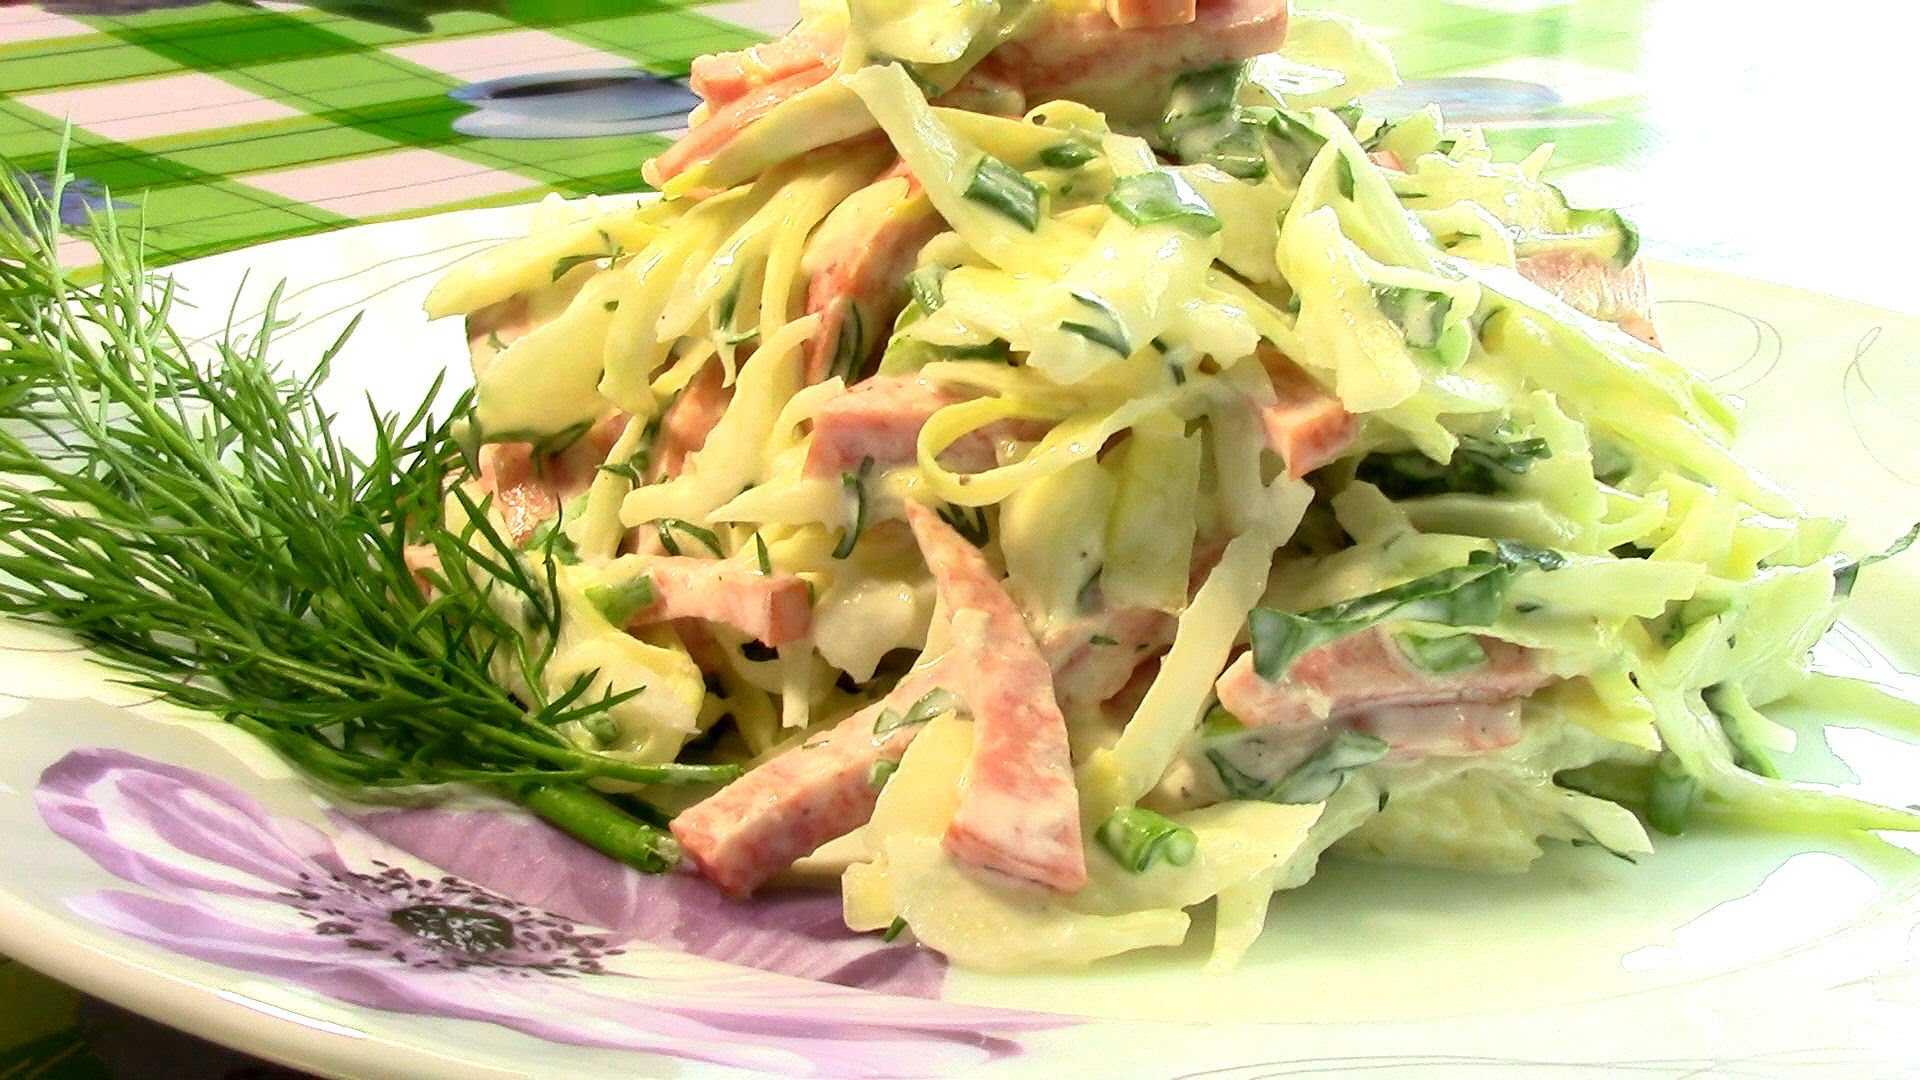 Салат с колбасой, сыром, огурцом и яйцами - 7 пошаговых фото в рецепте